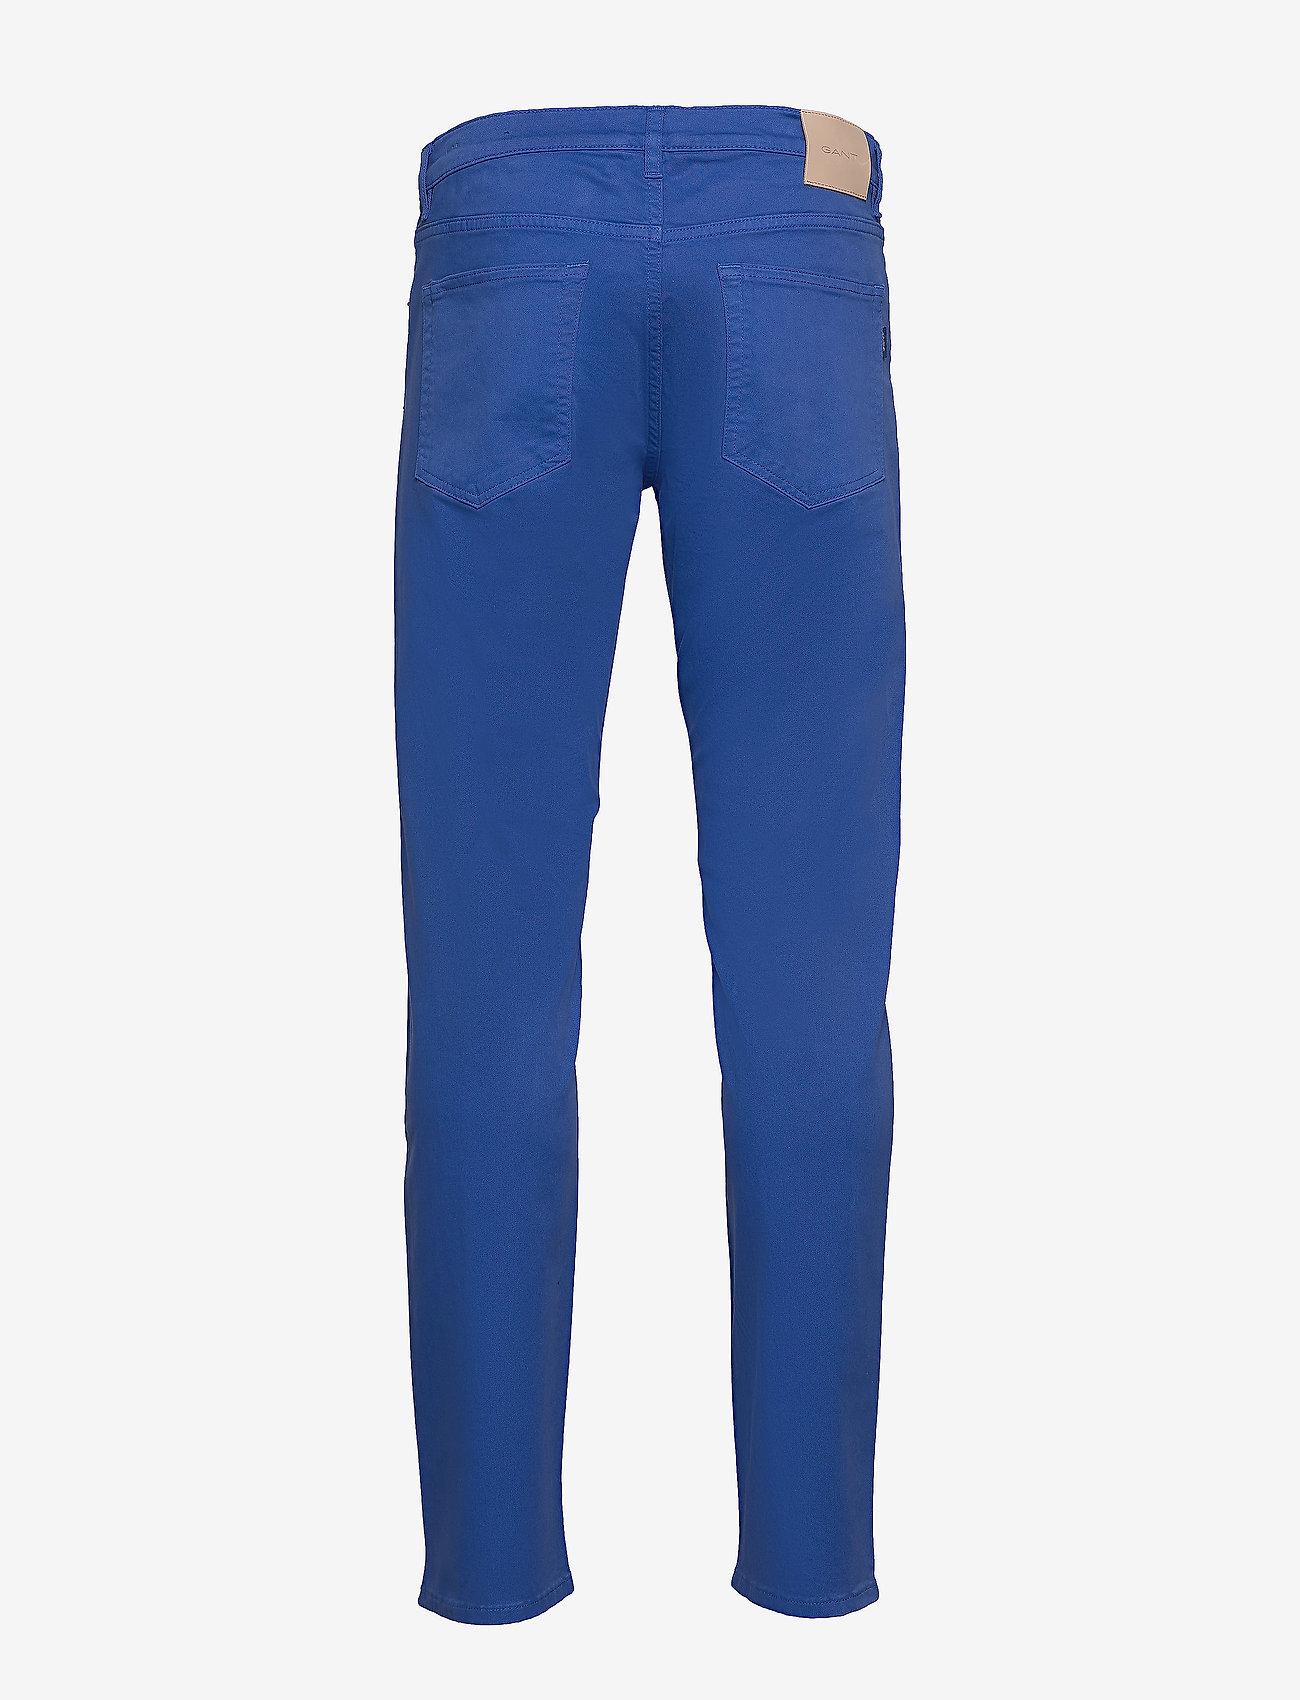 GANT - SLIM DESERT JEANS - slim jeans - nautical blue - 1